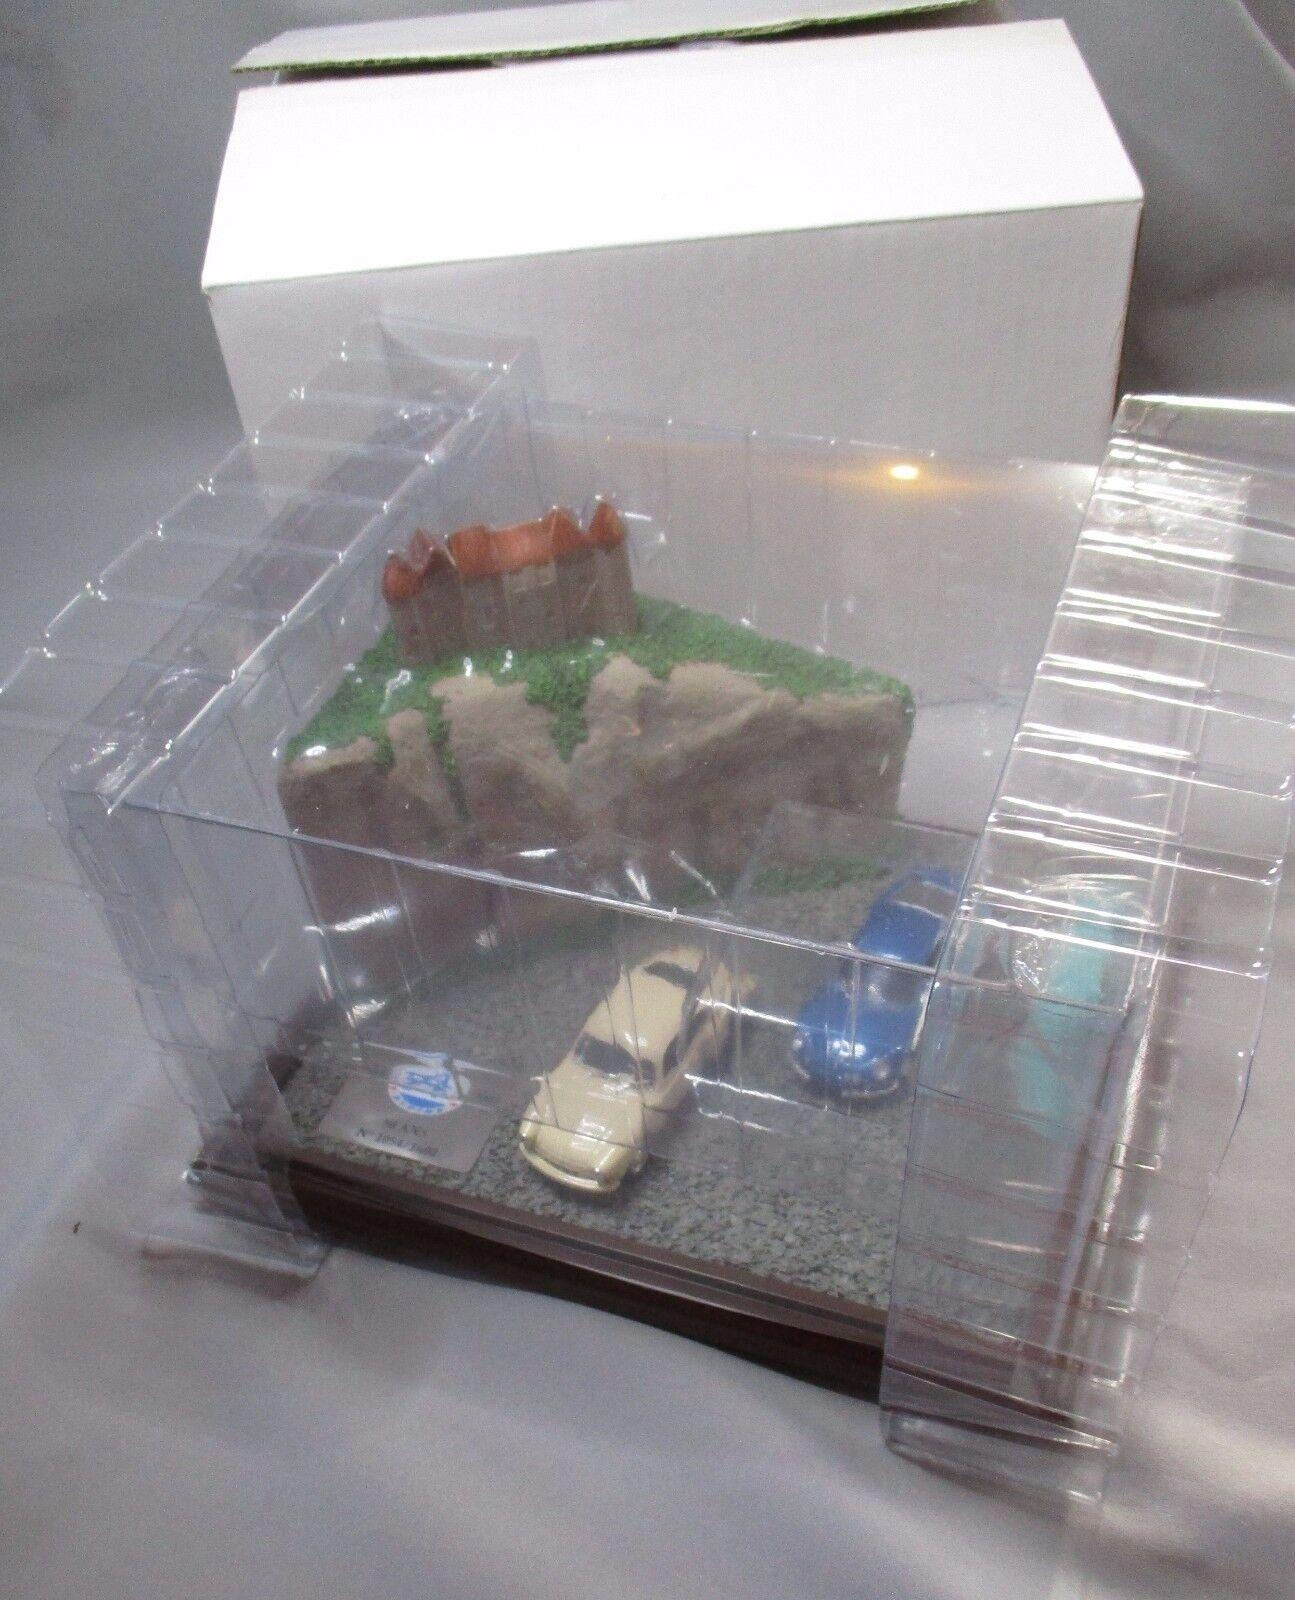 Dv7633 alpine a110 universal hobbys - diorama anniversaire 50 und usine dieppe